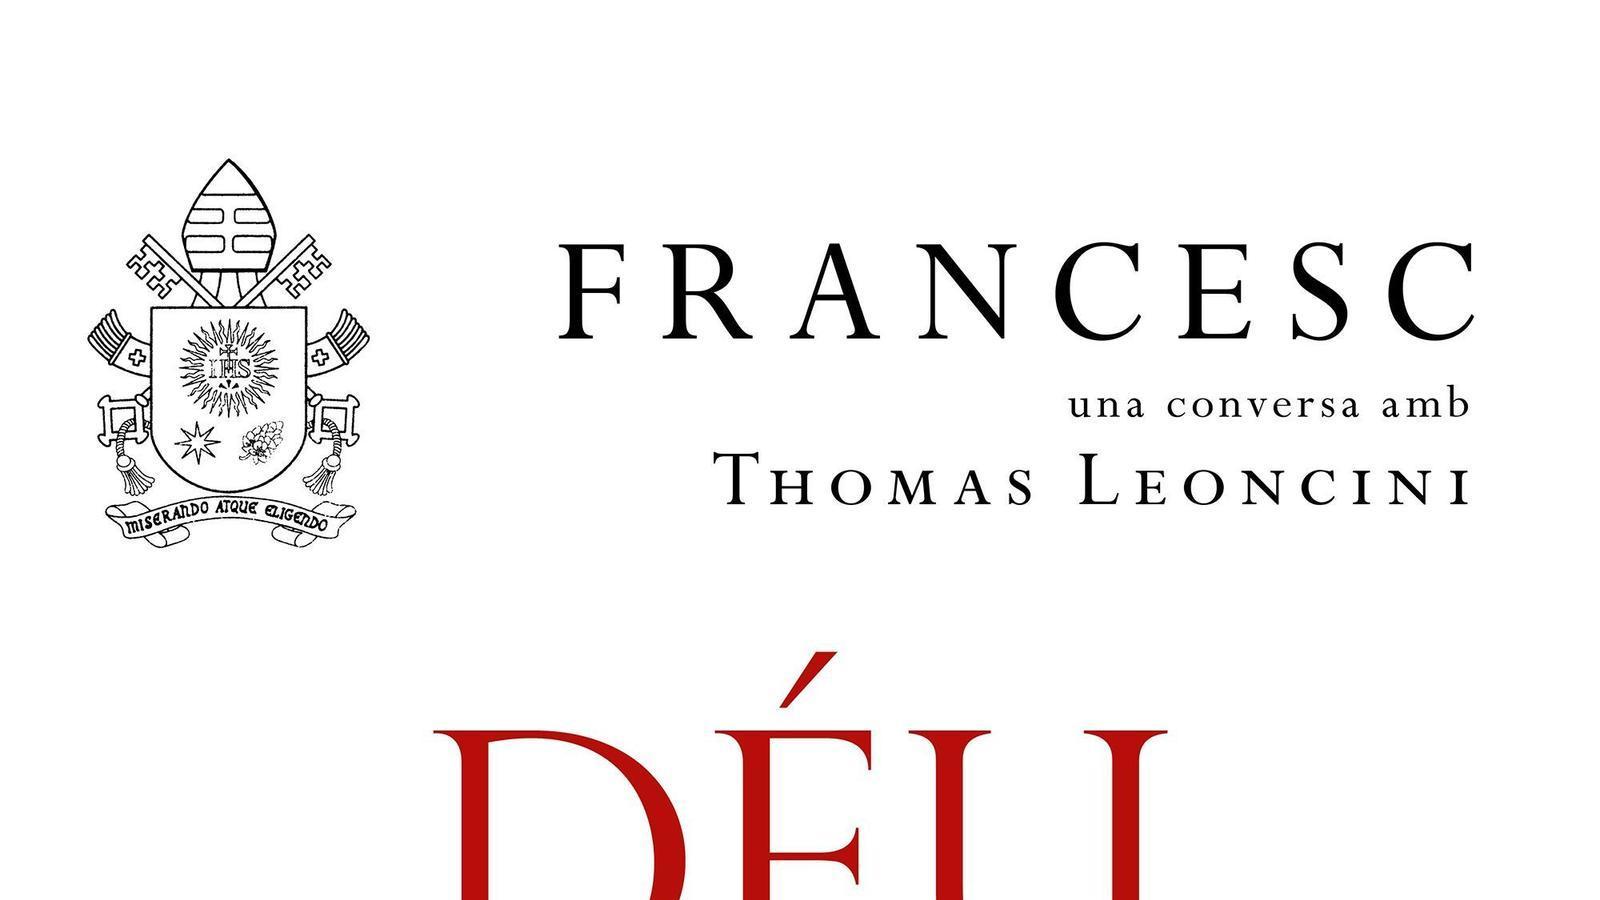 Portada de l'edició en català del nou llibre del Papa Francesc